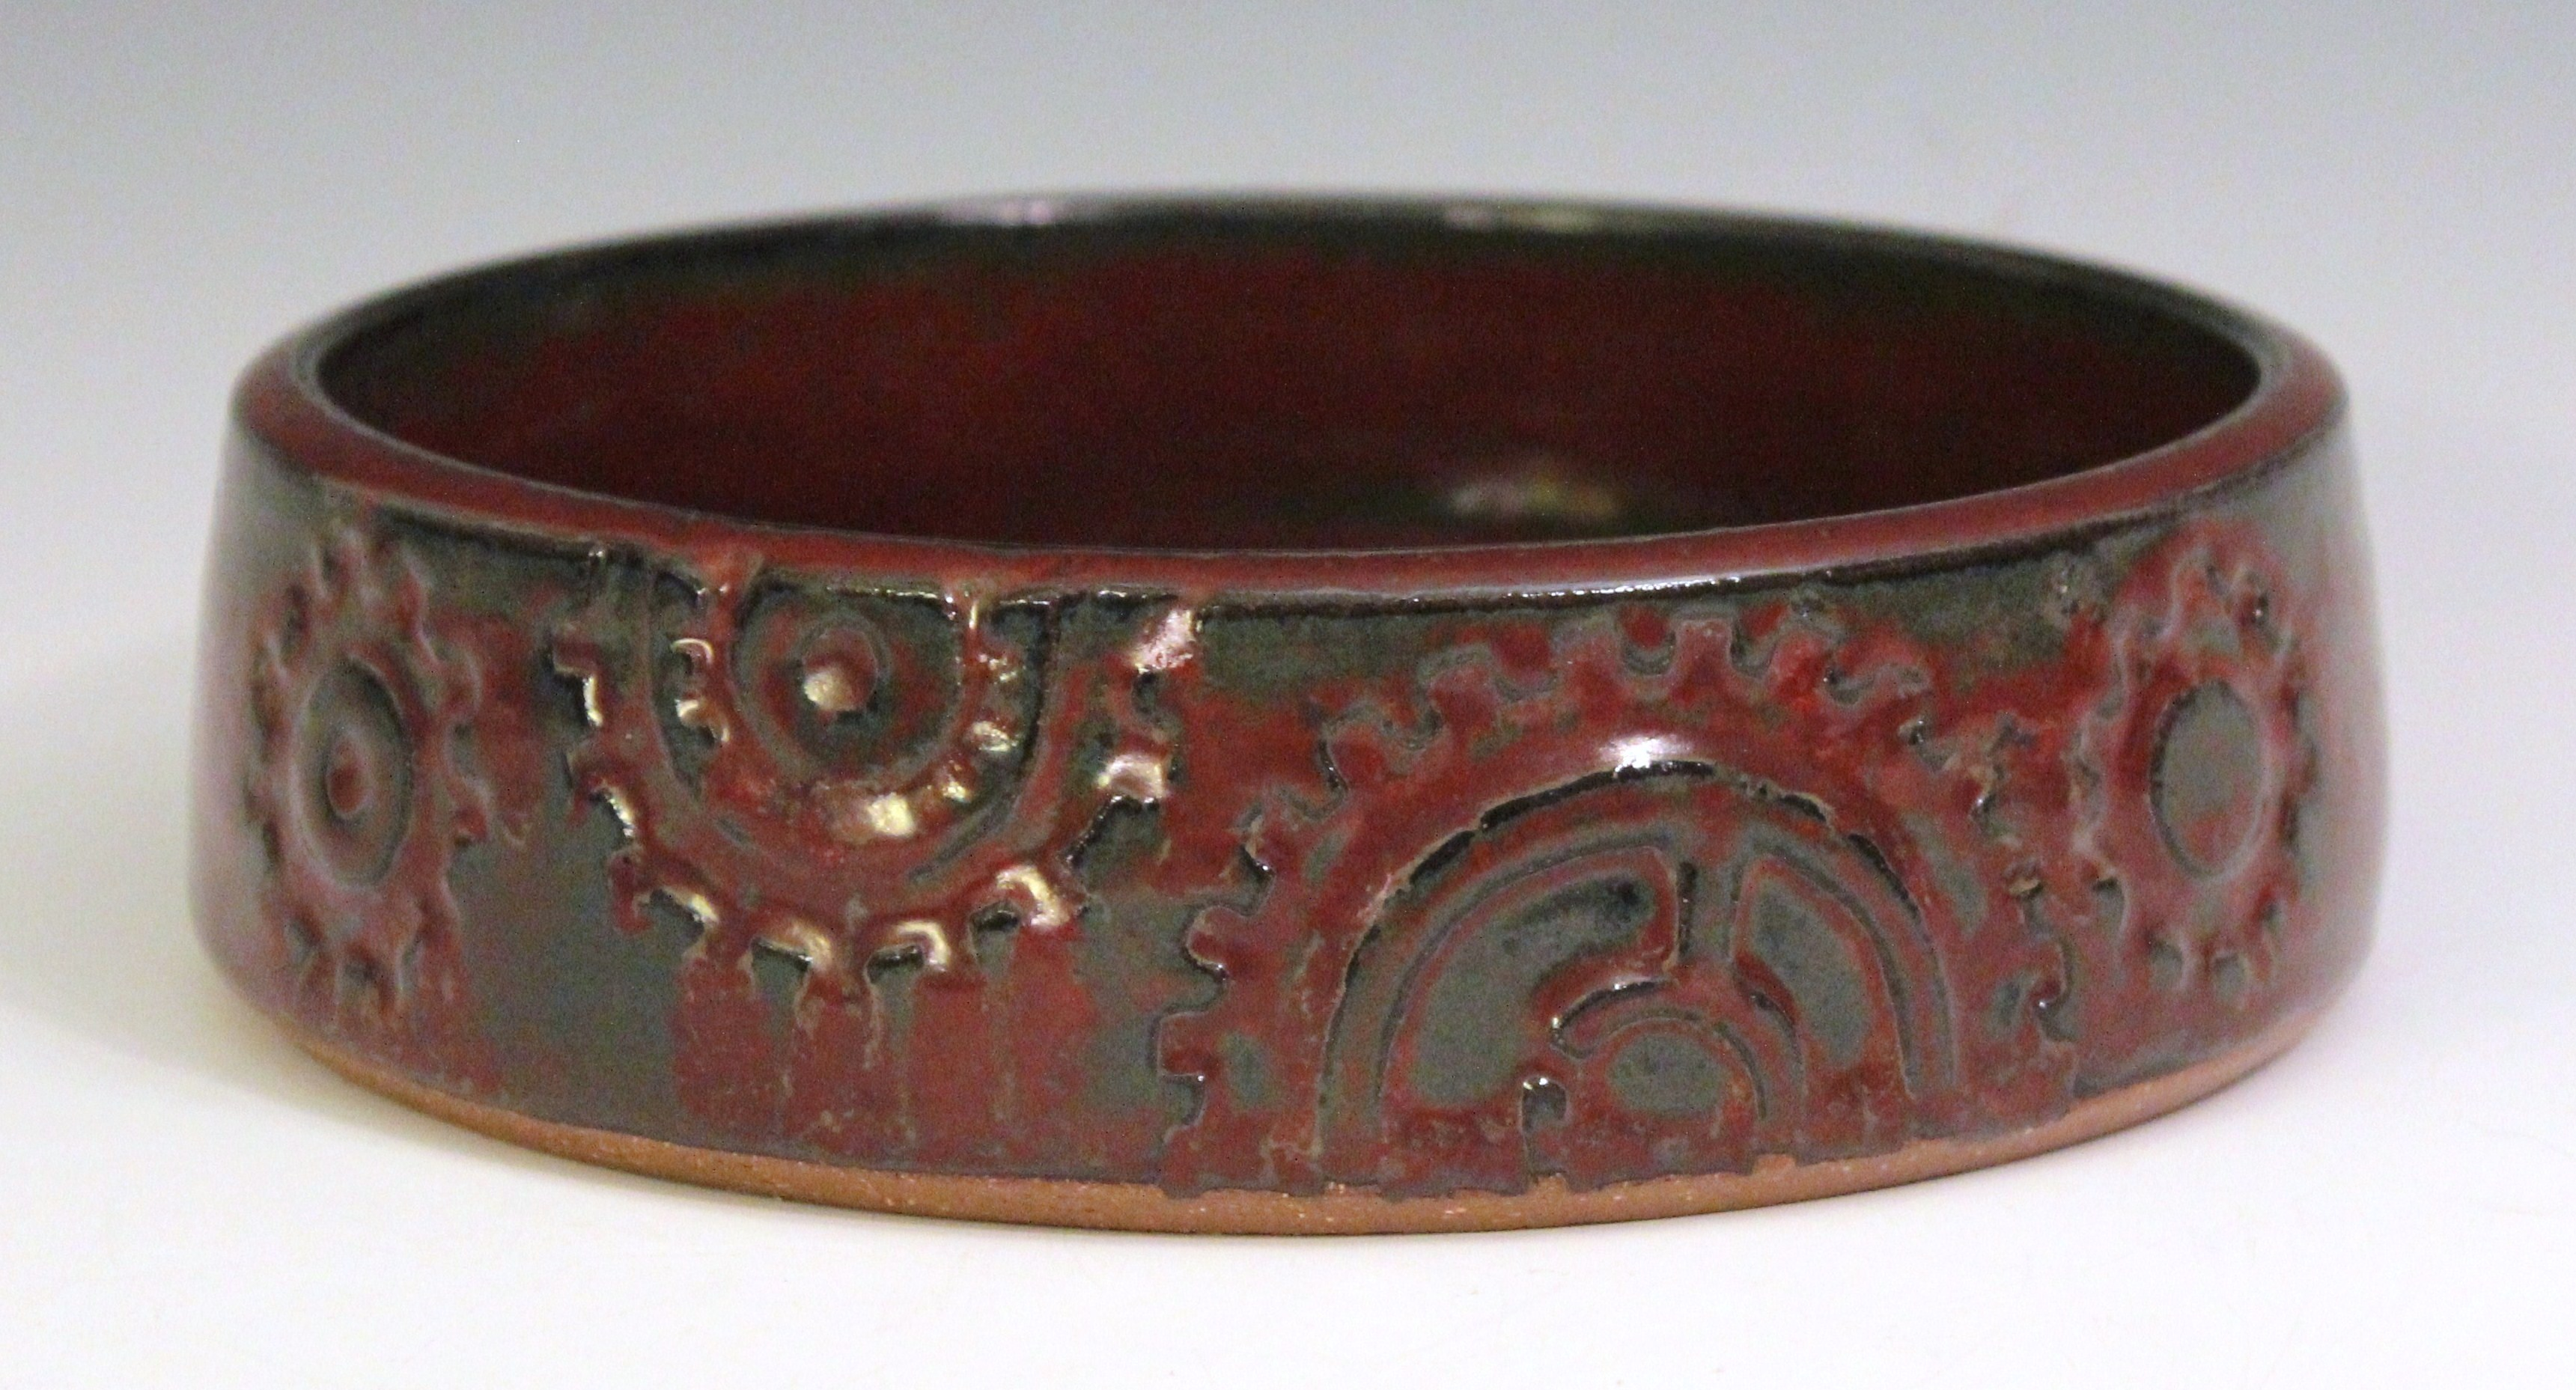 Steampunk Bowl